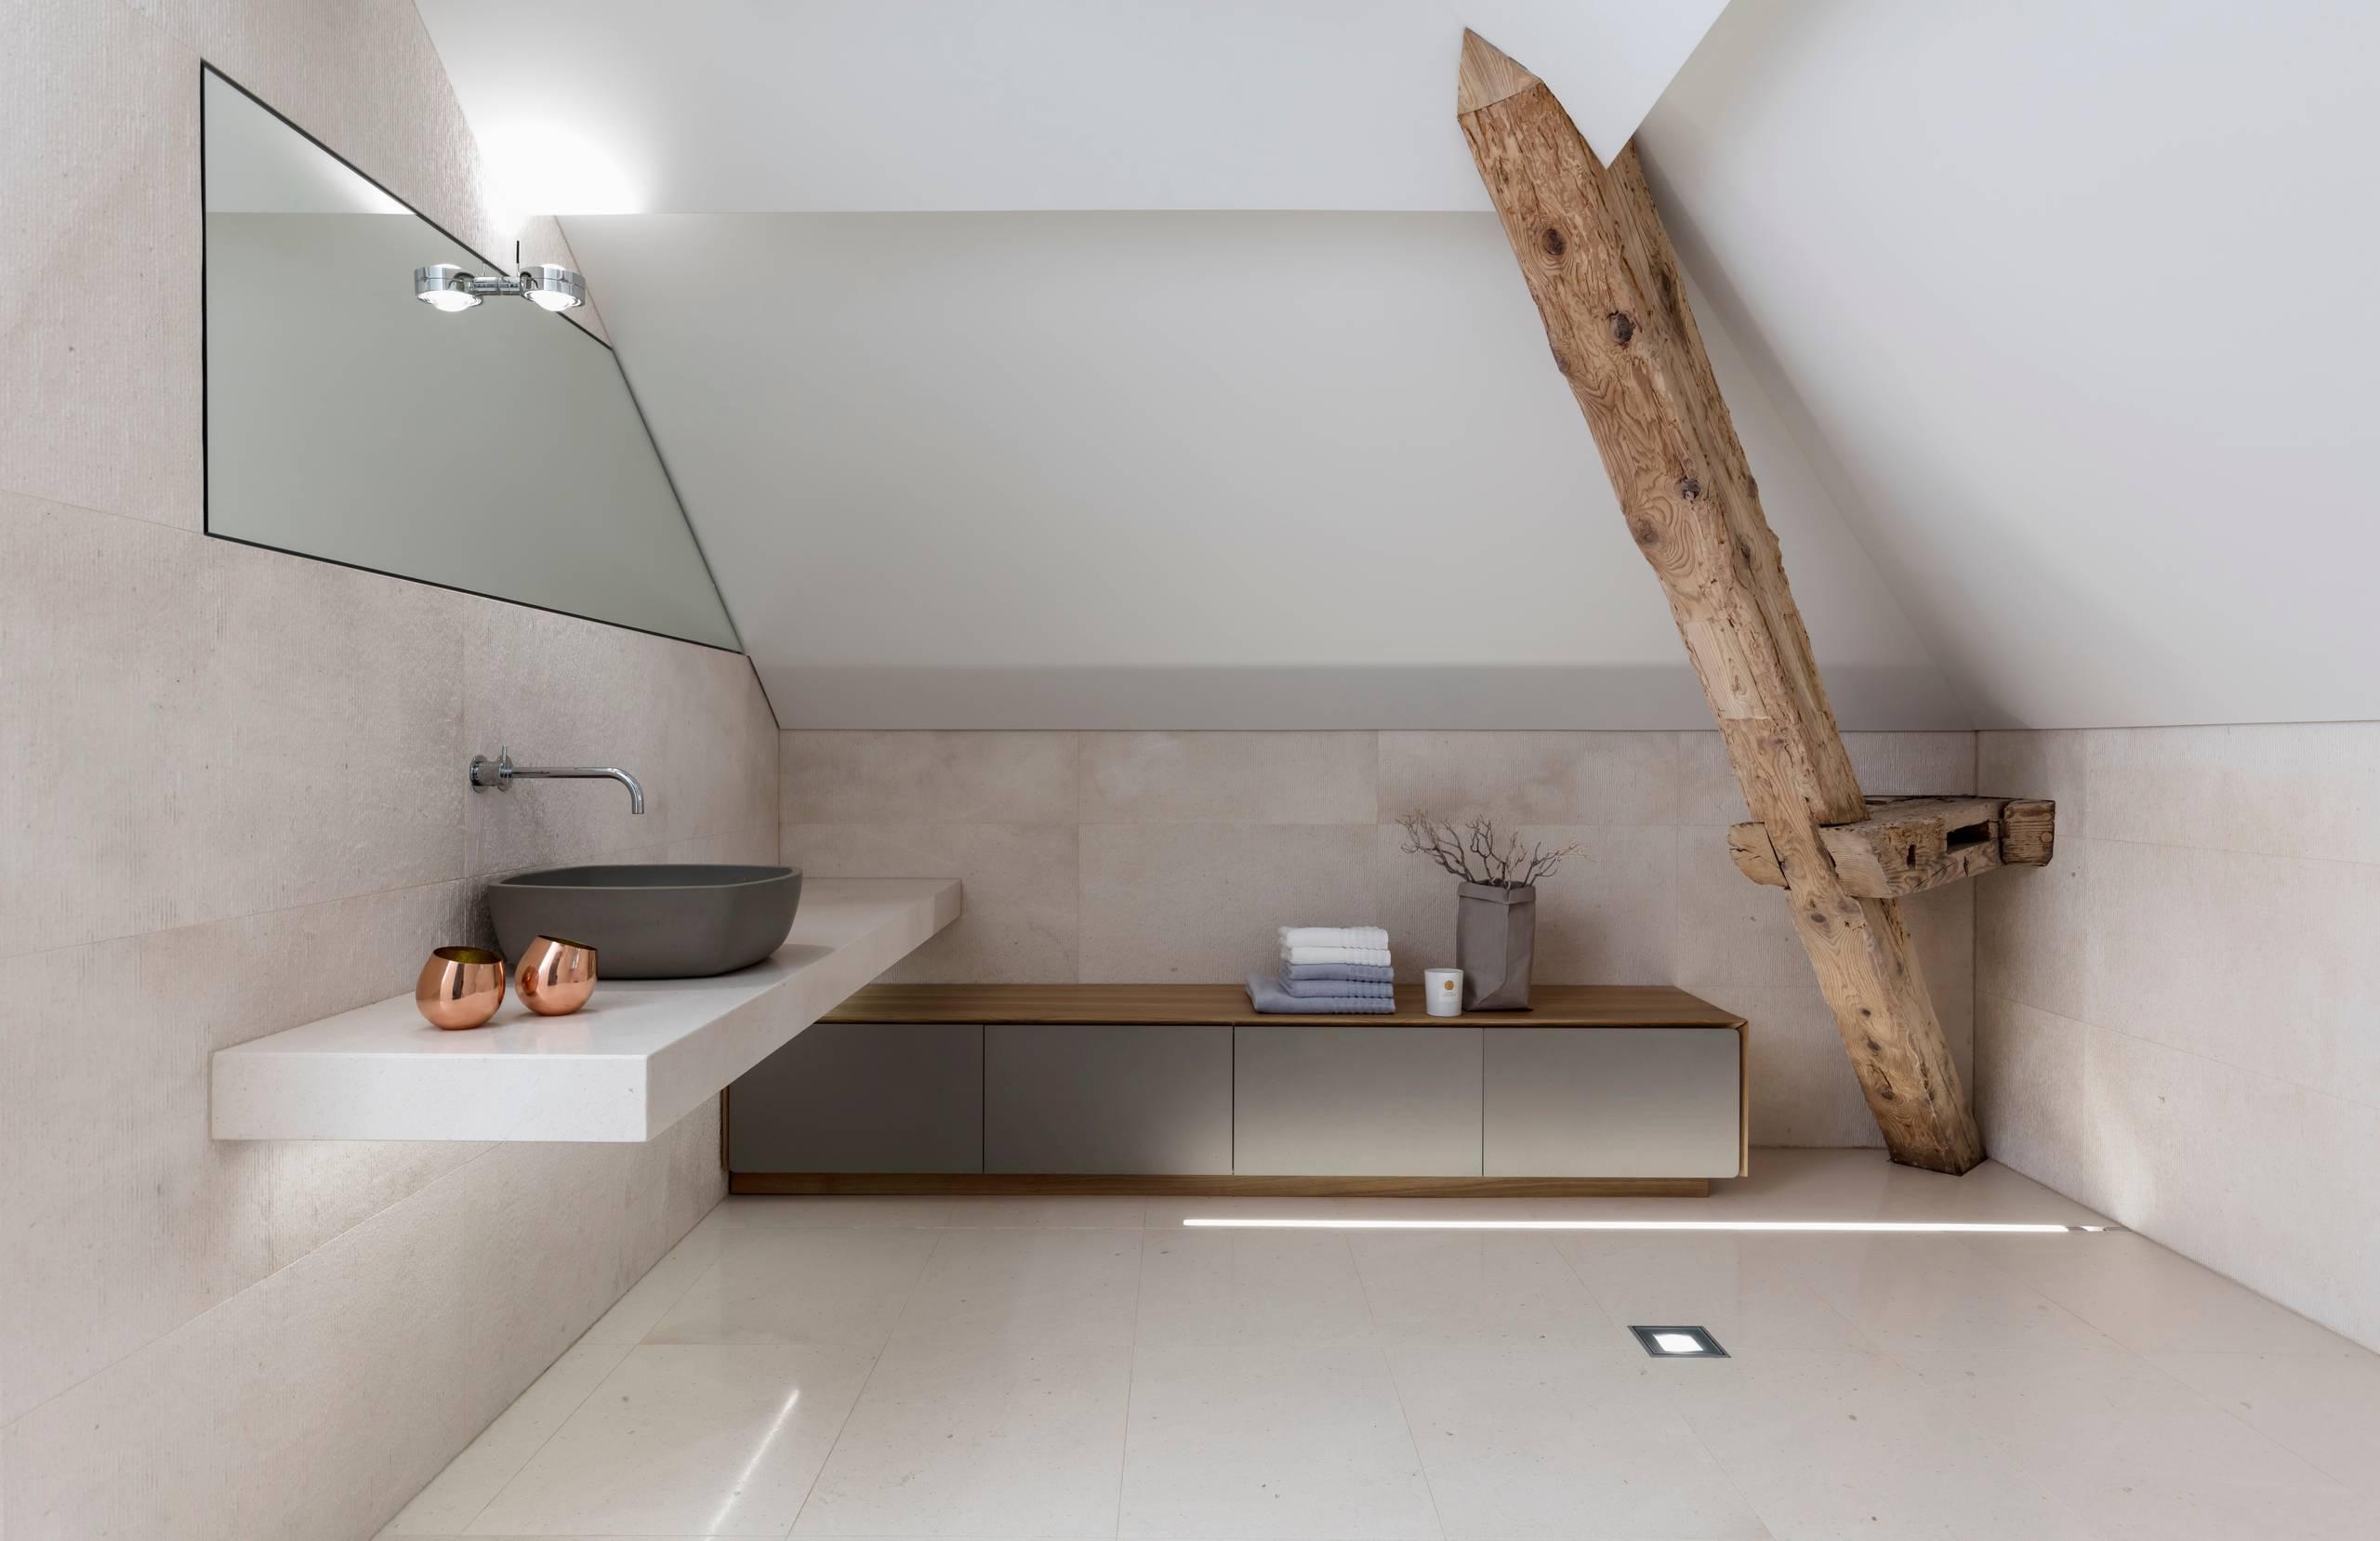 Bad mit Dachschräge 20 Dinge, die Sie beim Planen beachten sollten